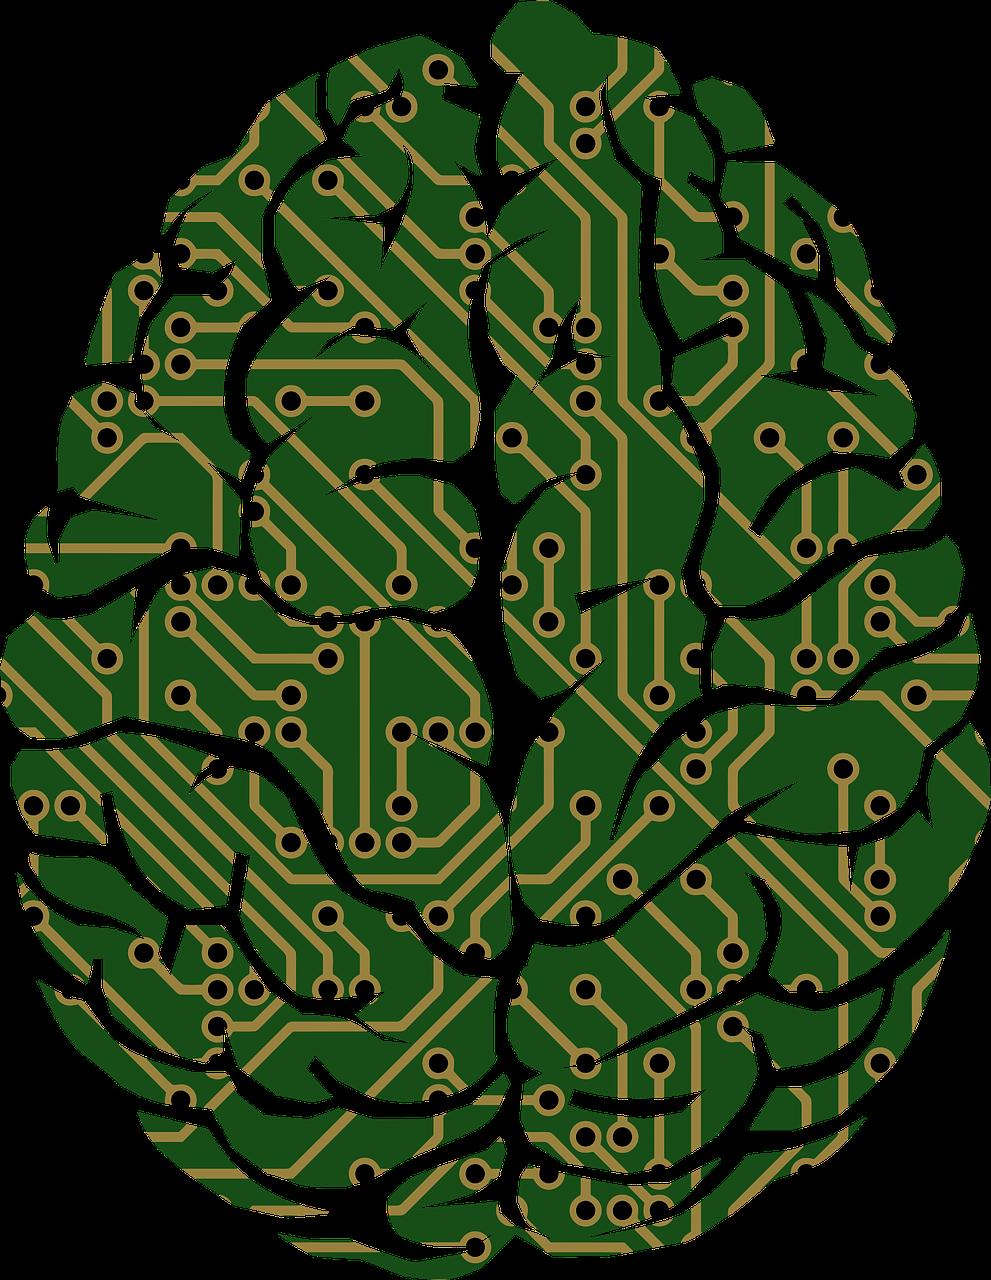 Brain-harddrive.png Pixabay.png